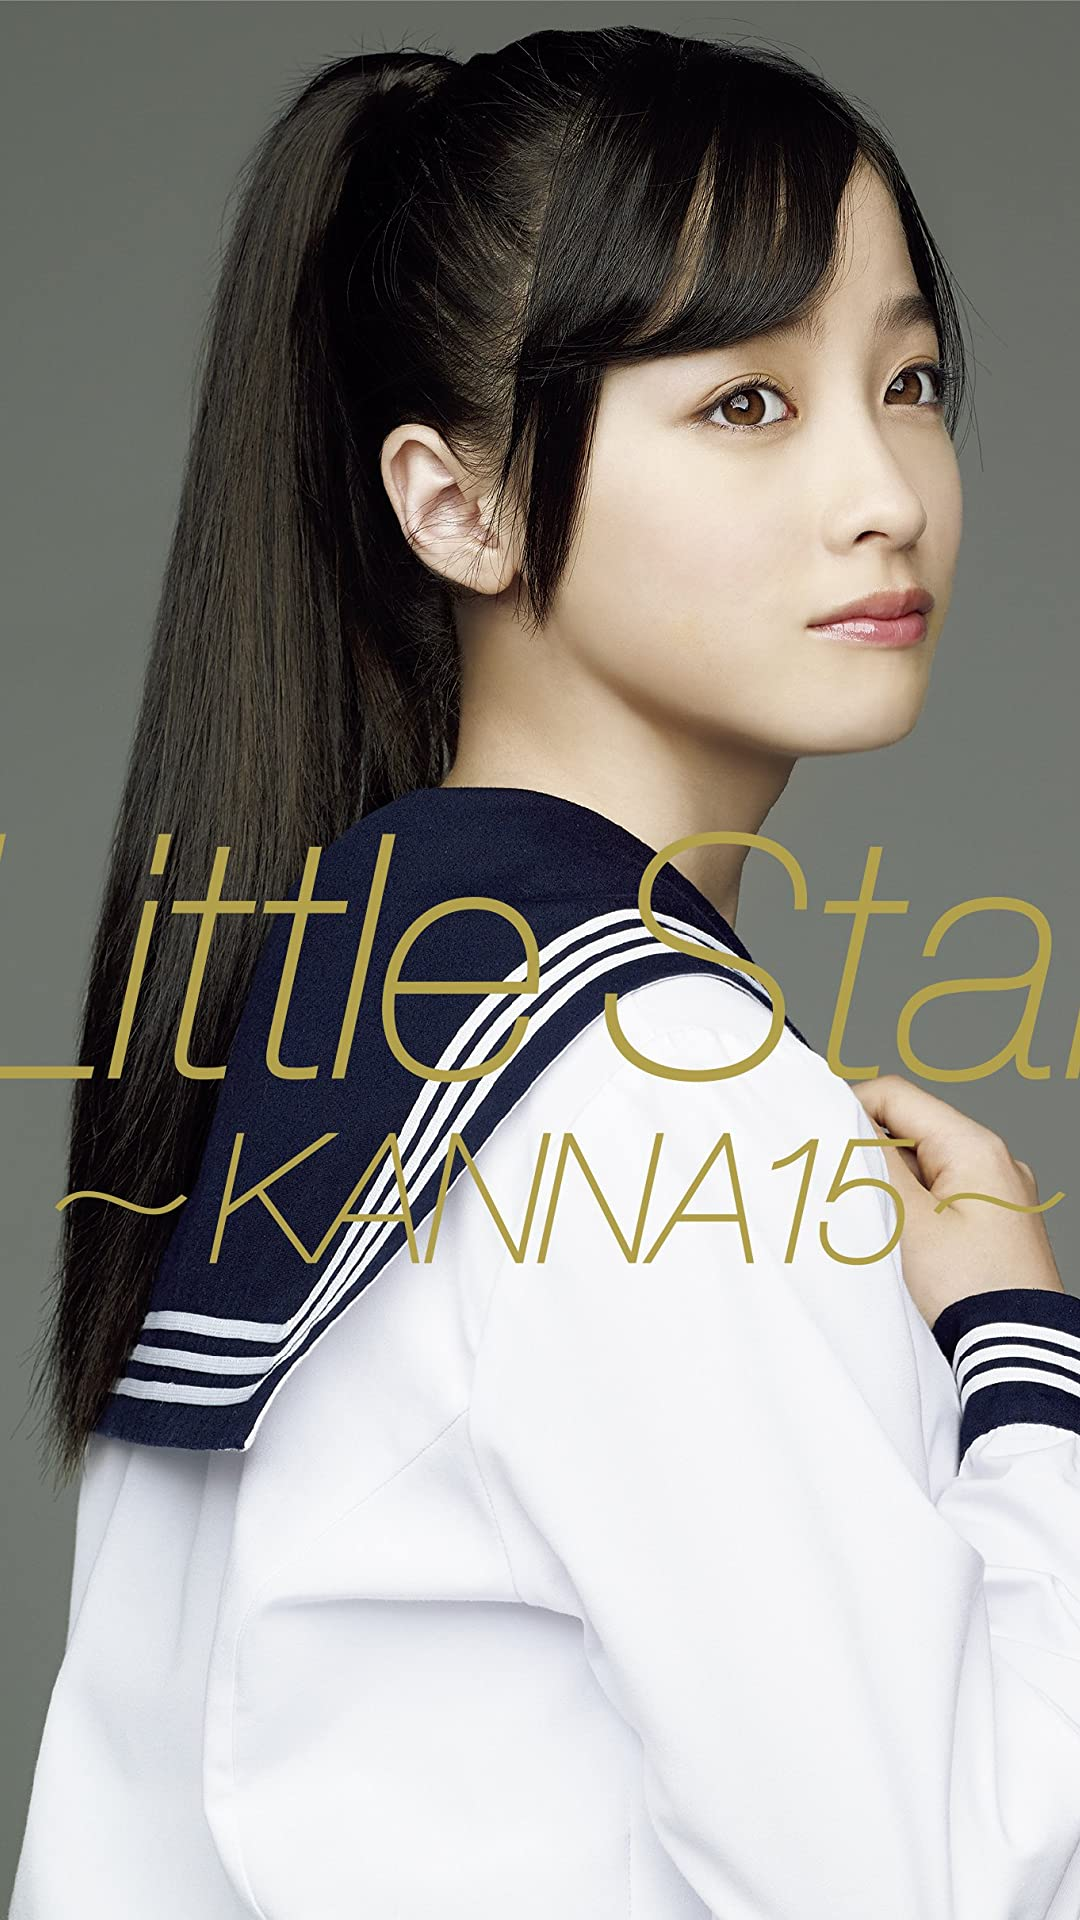 橋本環奈 ファースト写真集 『 Little Star -KANNA15- 』 フルHD(1080×1920)スマホ壁紙/待受 画像43166 スマポ